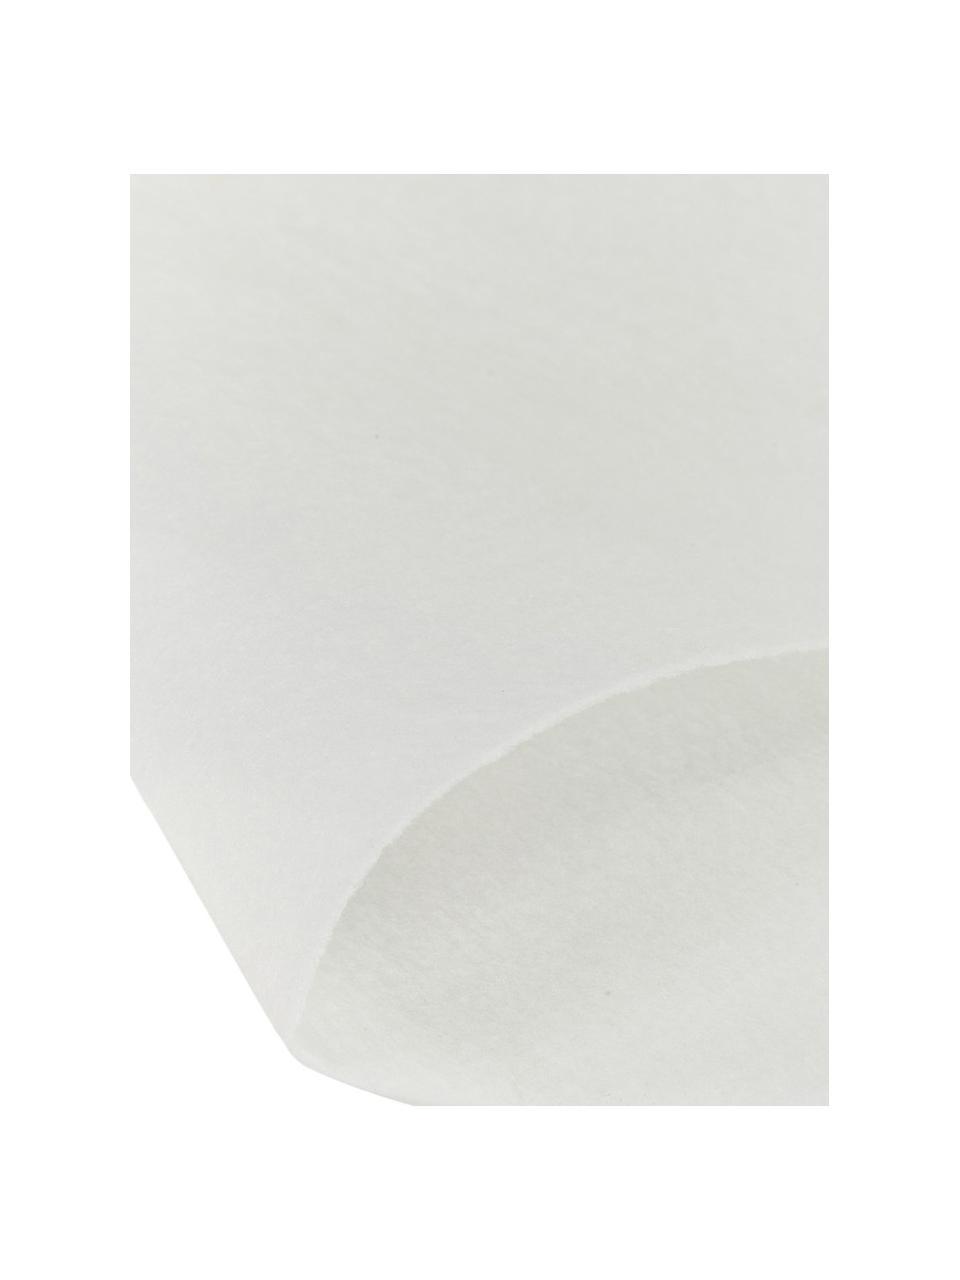 Podkład dywanowy z polaru poliestrowego My Slip Stop, Polar poliestrowy z powłoką antypoślizgową, Kremowy, S 180 x D 270 cm